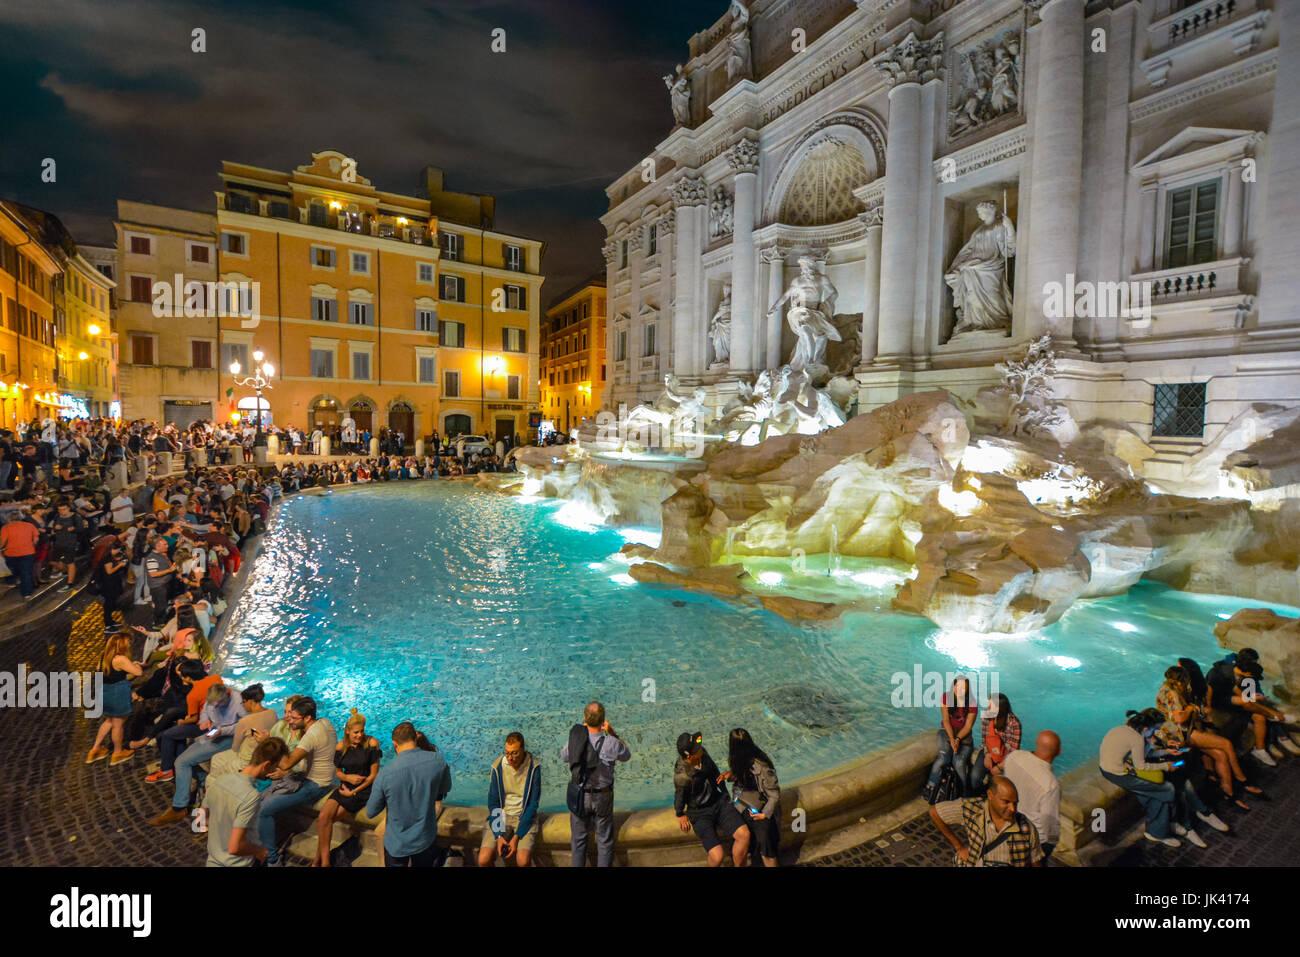 Der Trevi-Brunnen in Rom Italien beleuchtet bunt am Abend mit Touristen rund um es an einem warmen Sommerabend. Stockbild